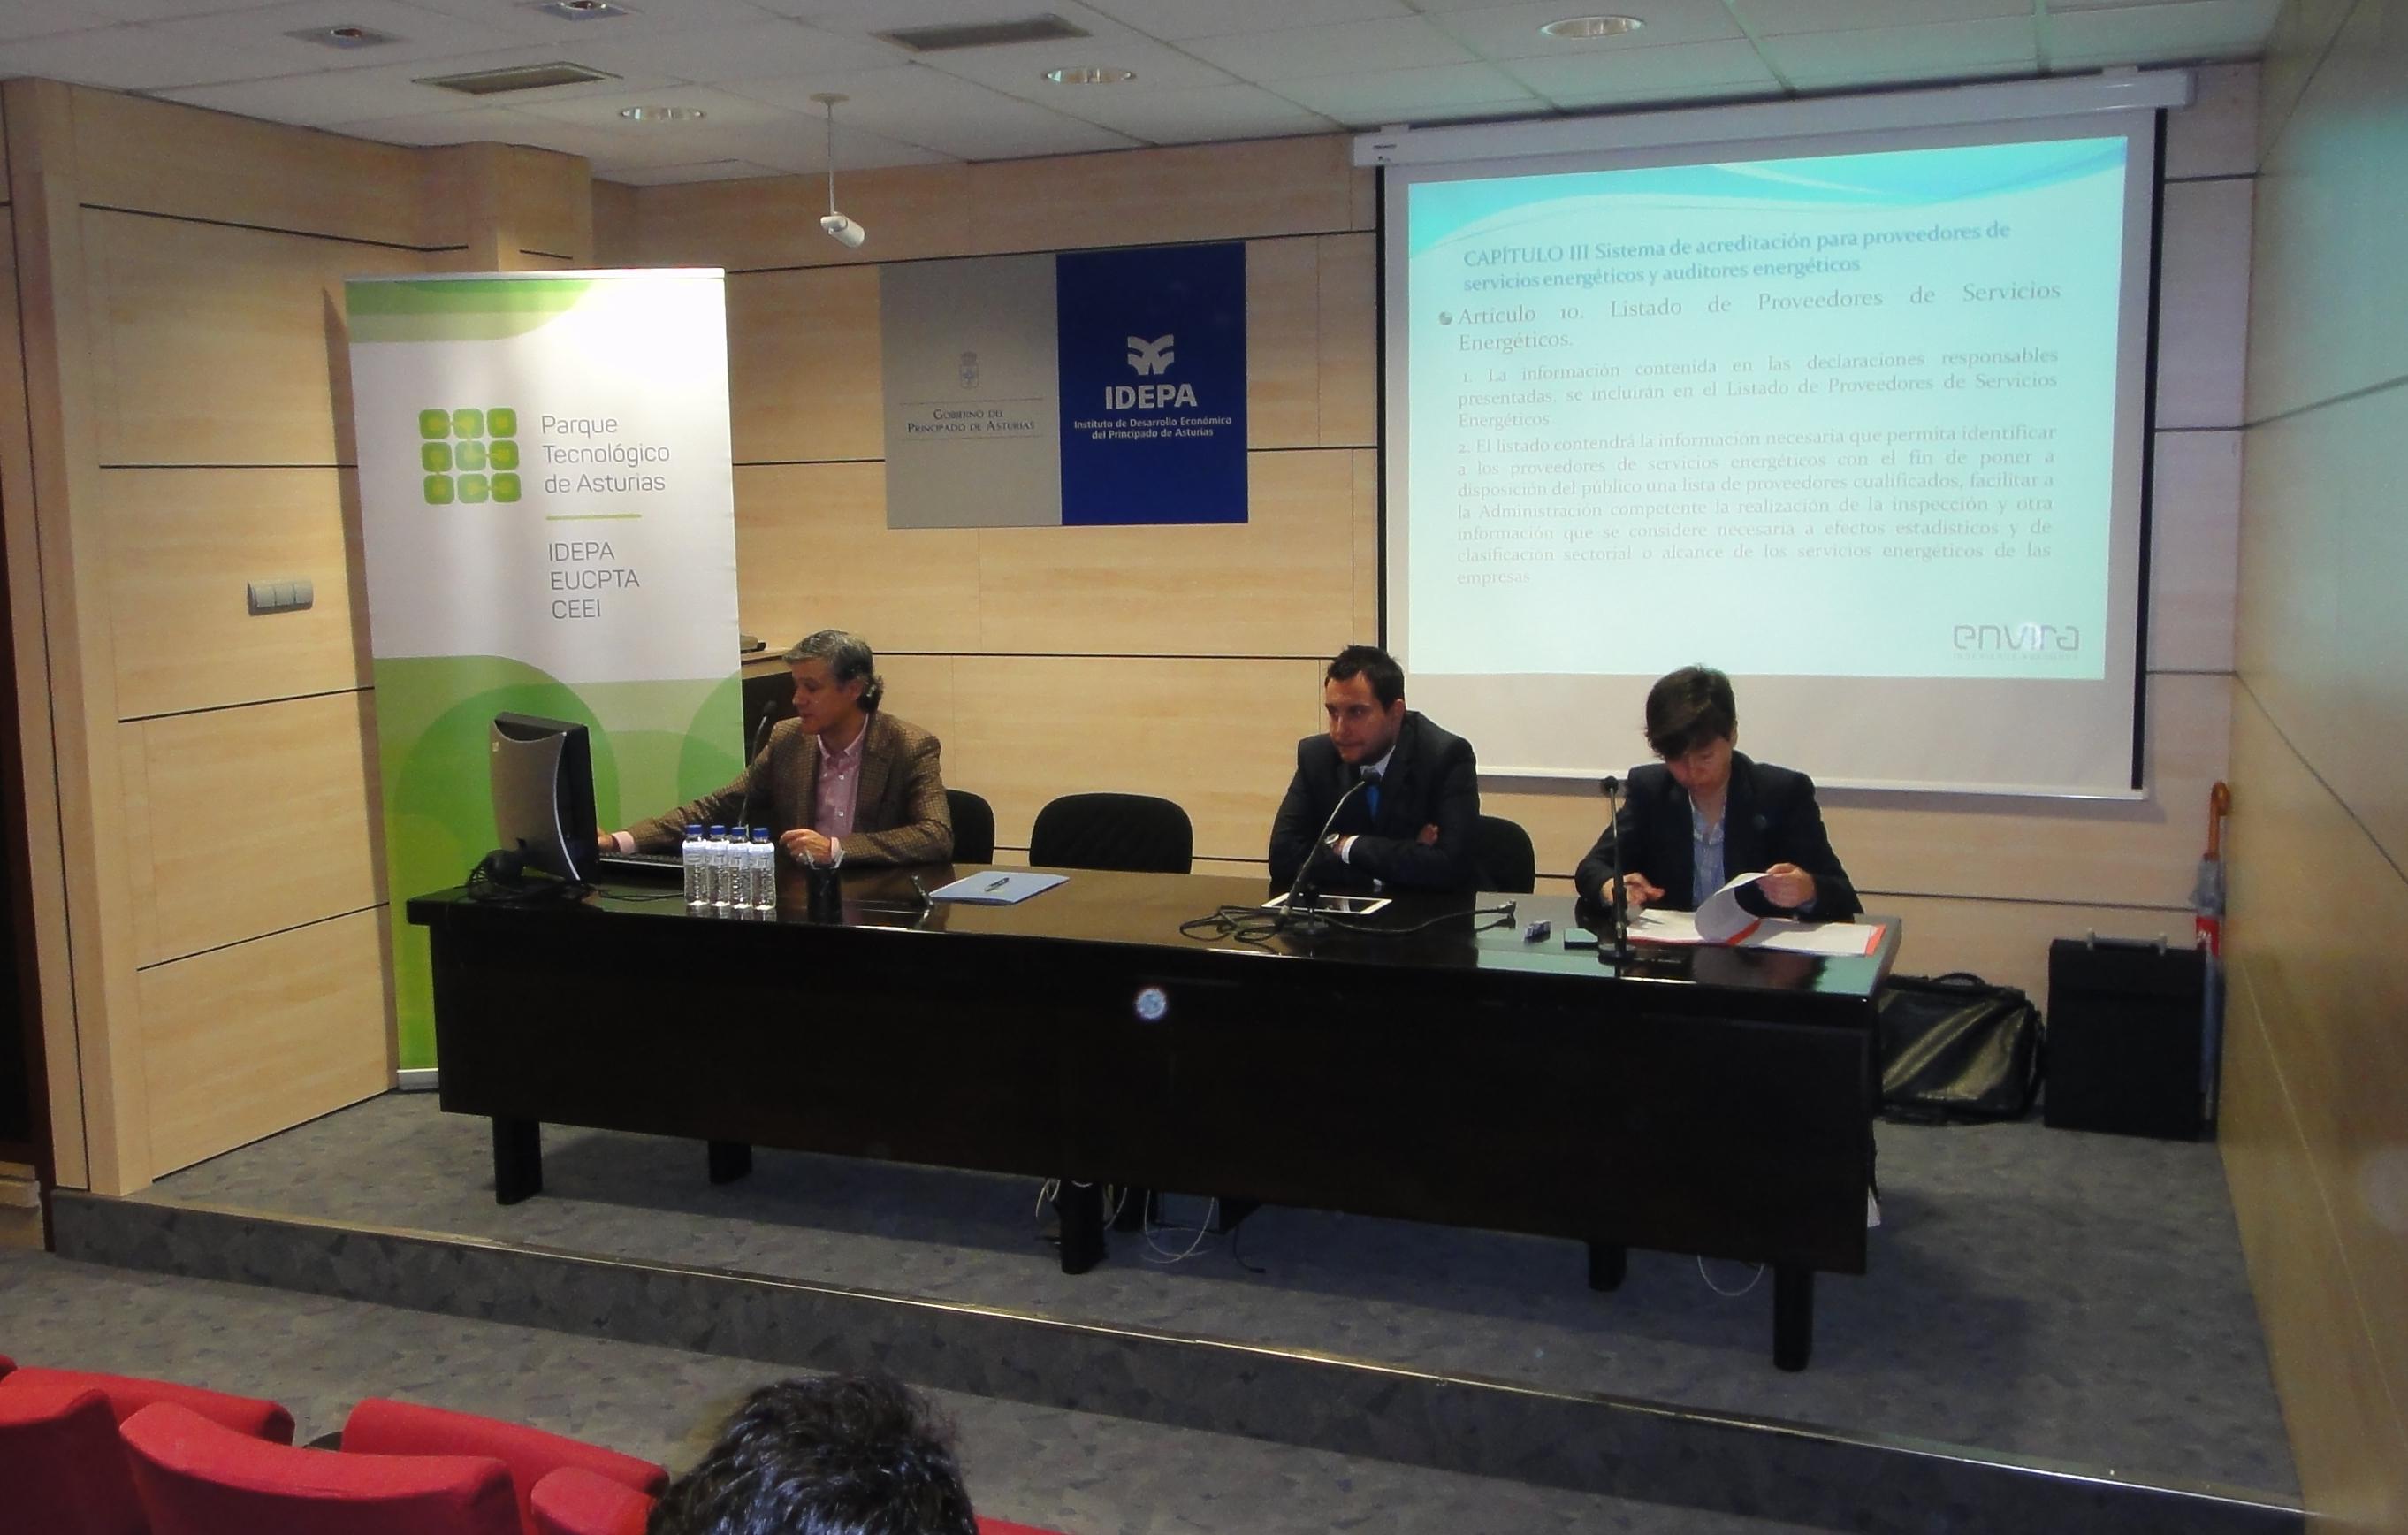 Acogida Jornada Auditorías Energéticas promovida por Parque Tecnológico de Asturias